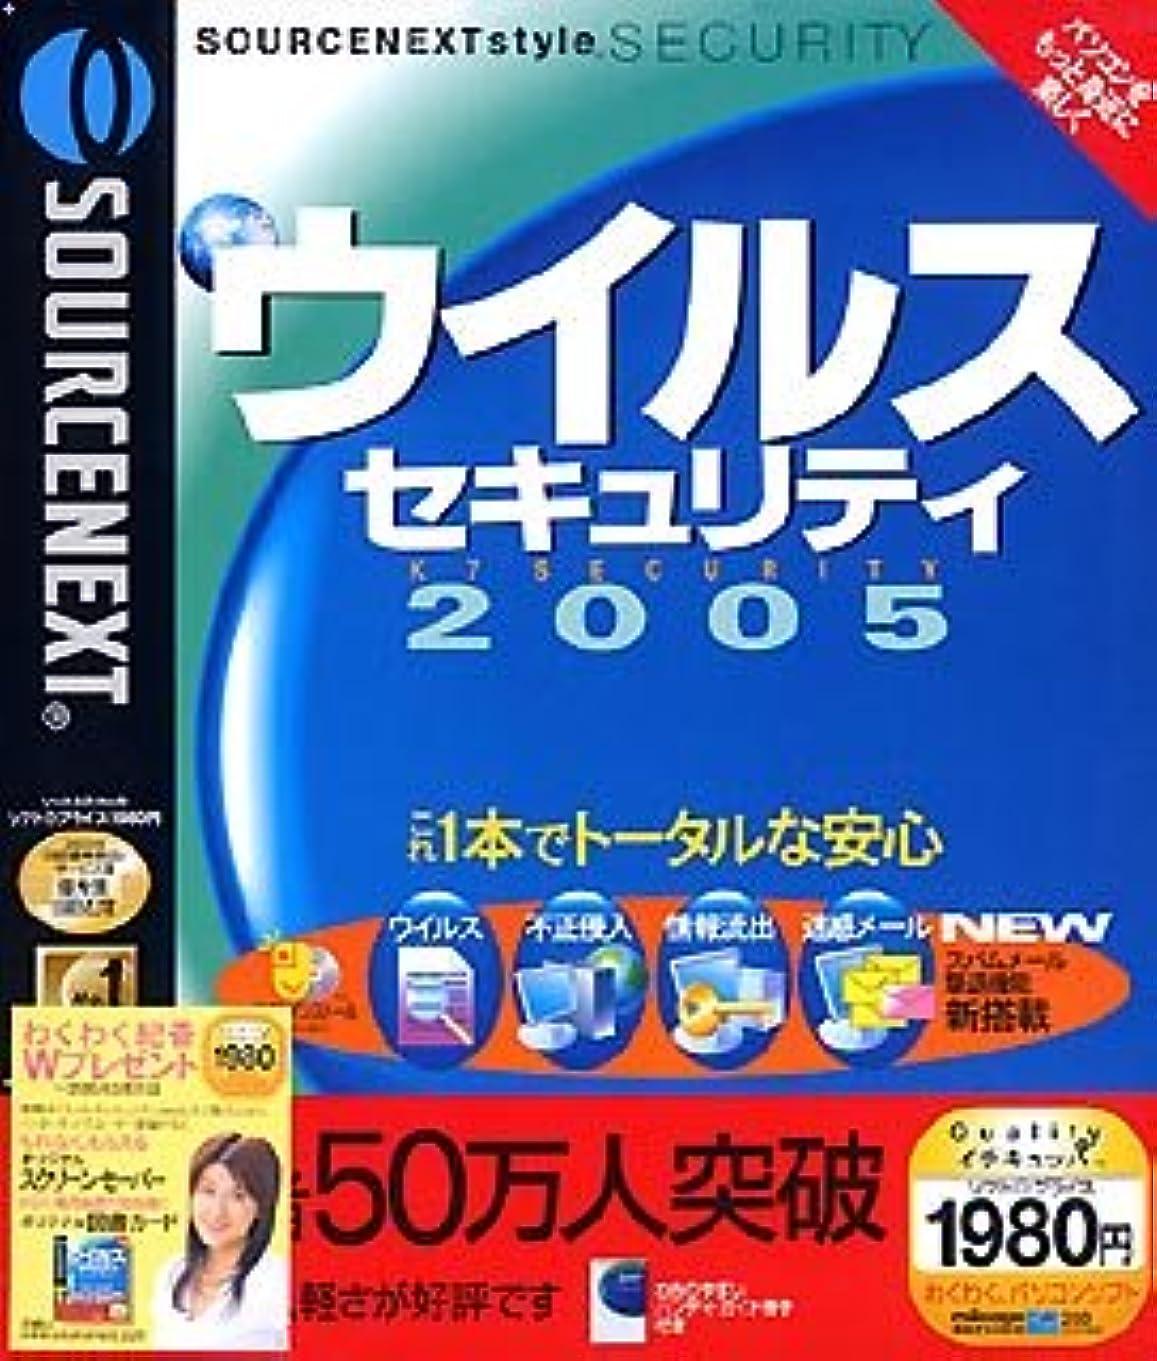 きつく超えてほかにウイルスセキュリティ 2005(旧版)